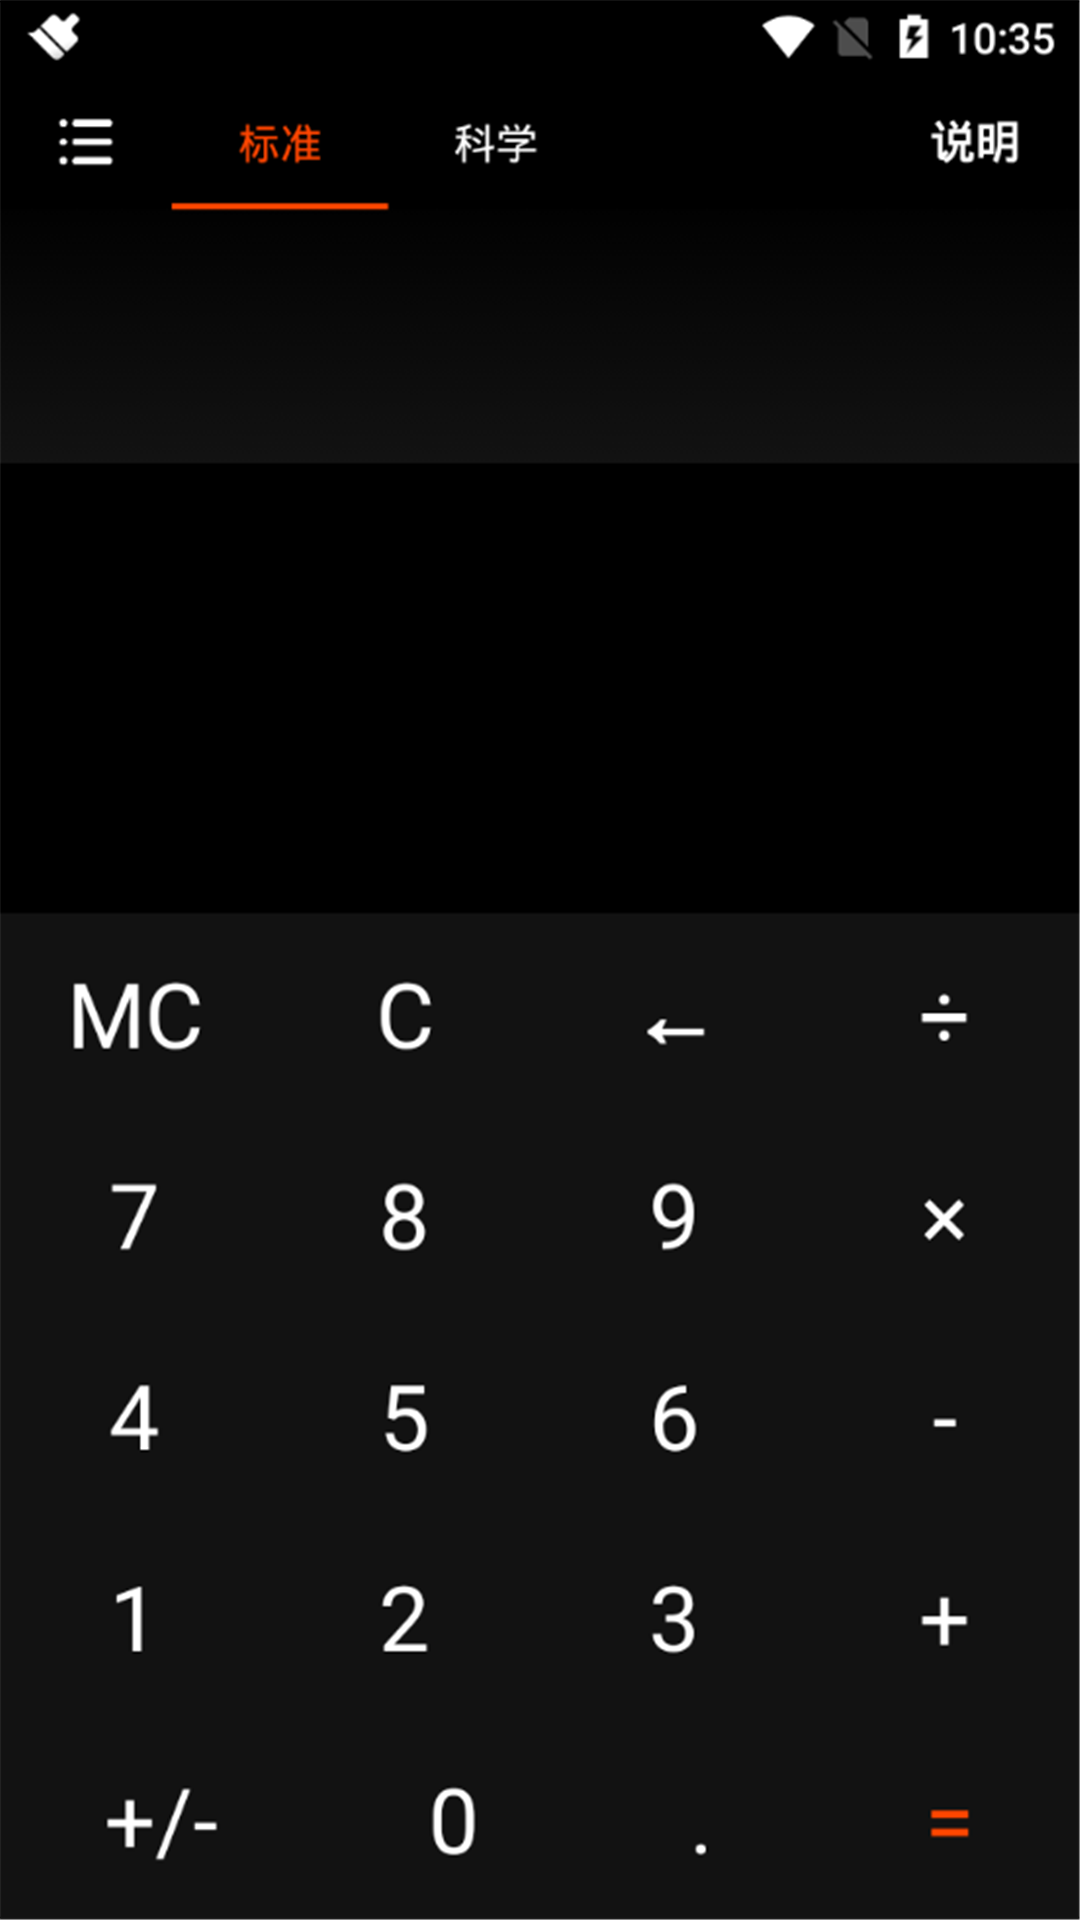 VI高级计算器截图(4)